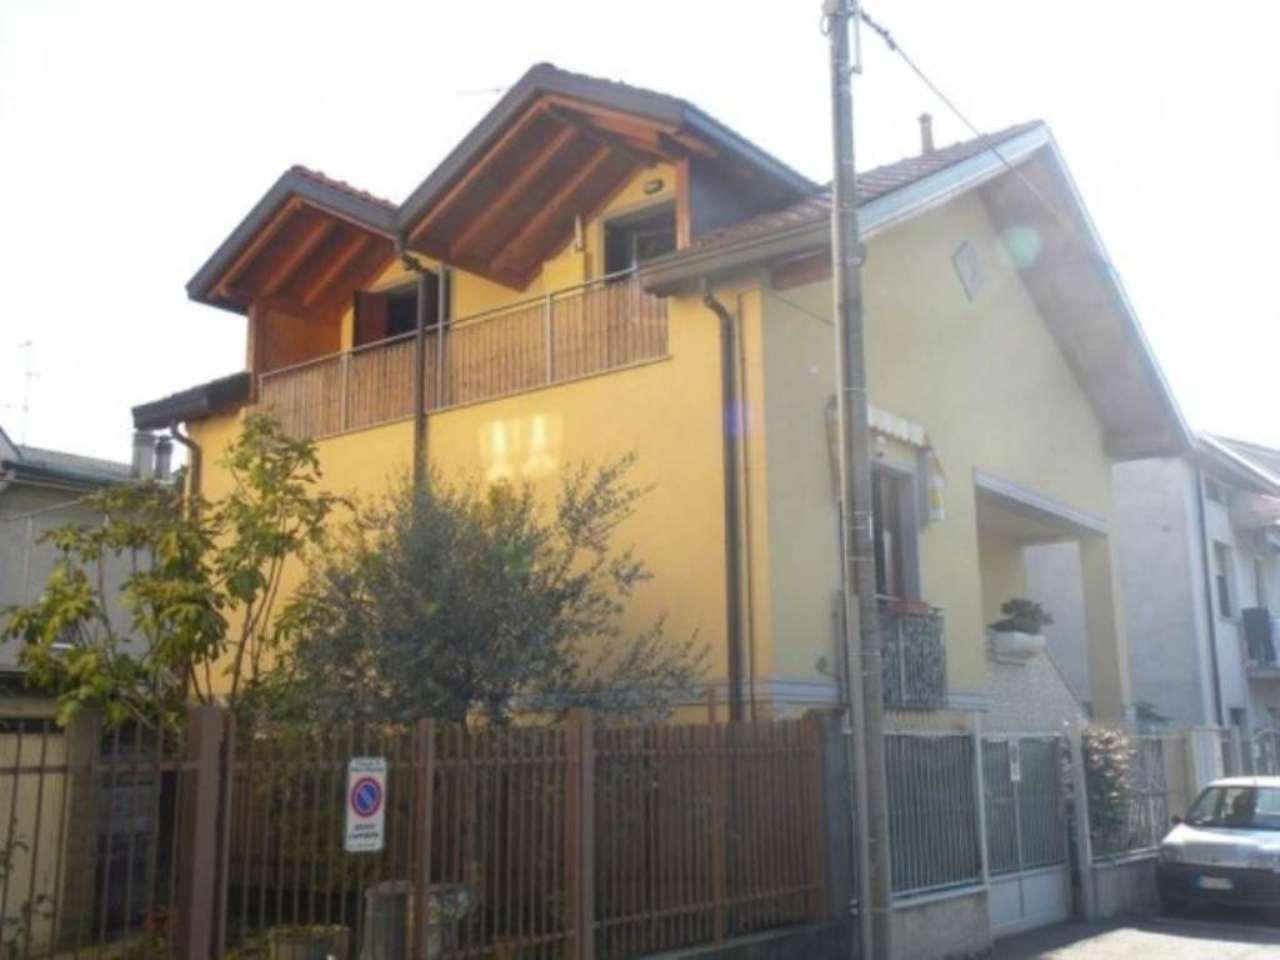 Villa in vendita a Nova Milanese, 2 locali, prezzo € 155.000 | Cambio Casa.it